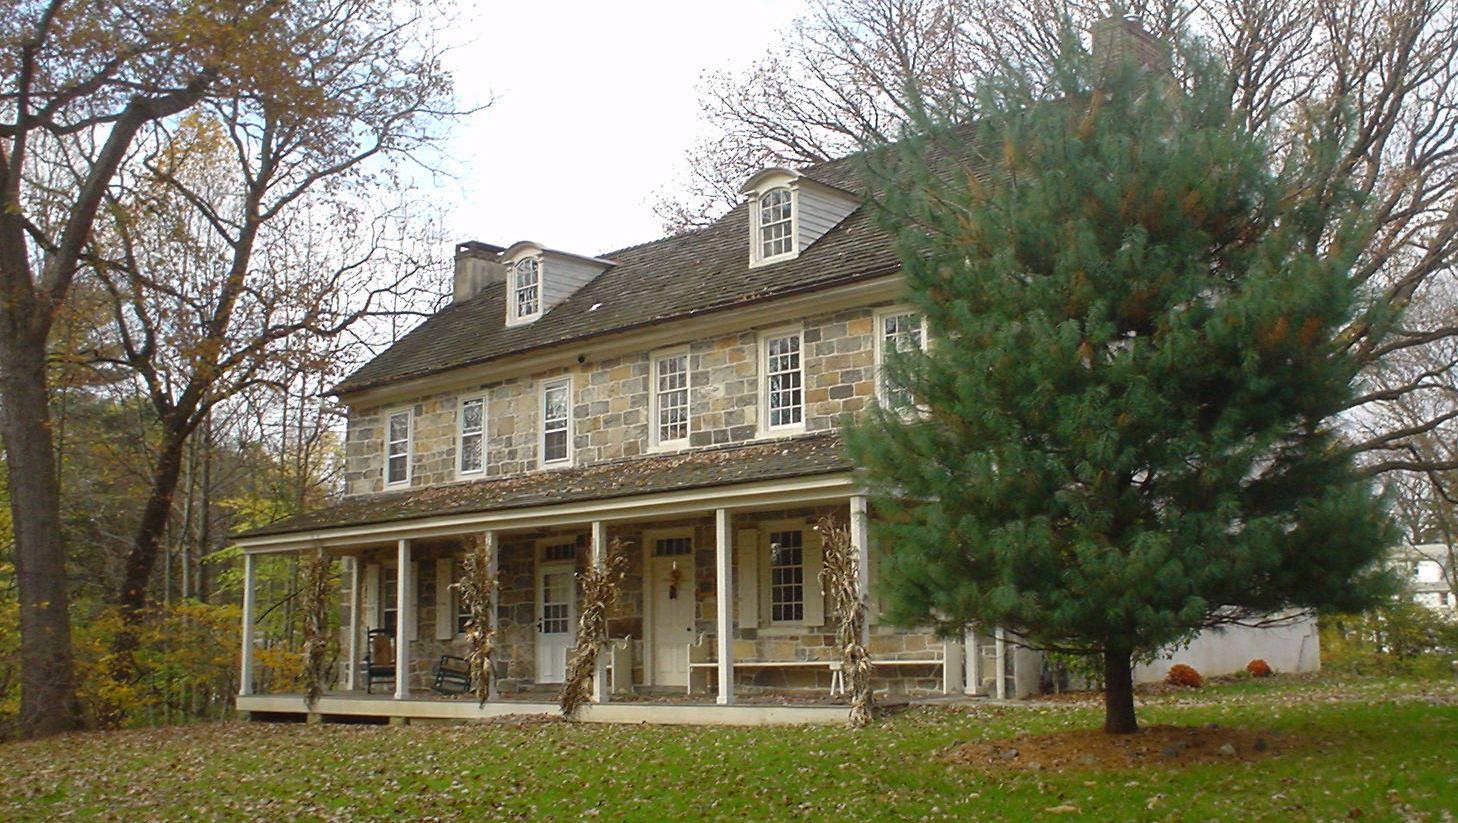 Collen Brook Farm - Wikipedia